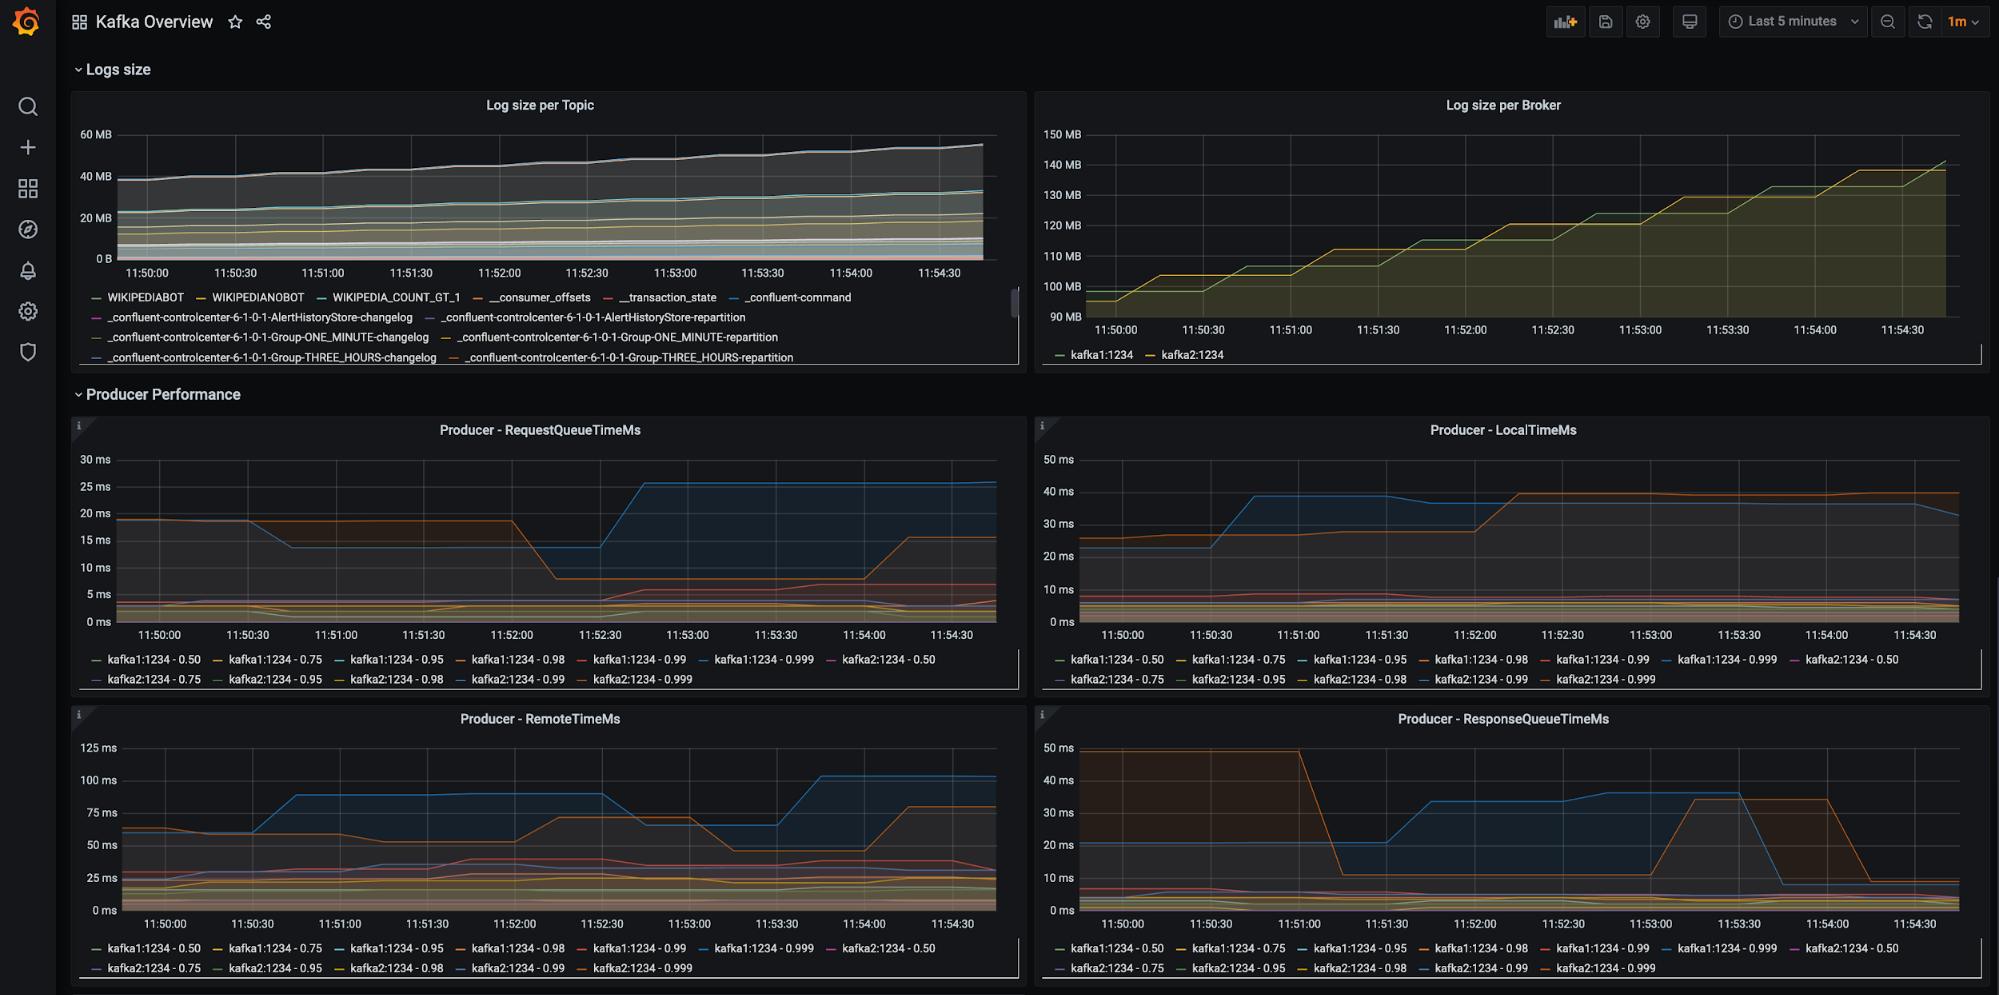 Prometheus-based monitoring